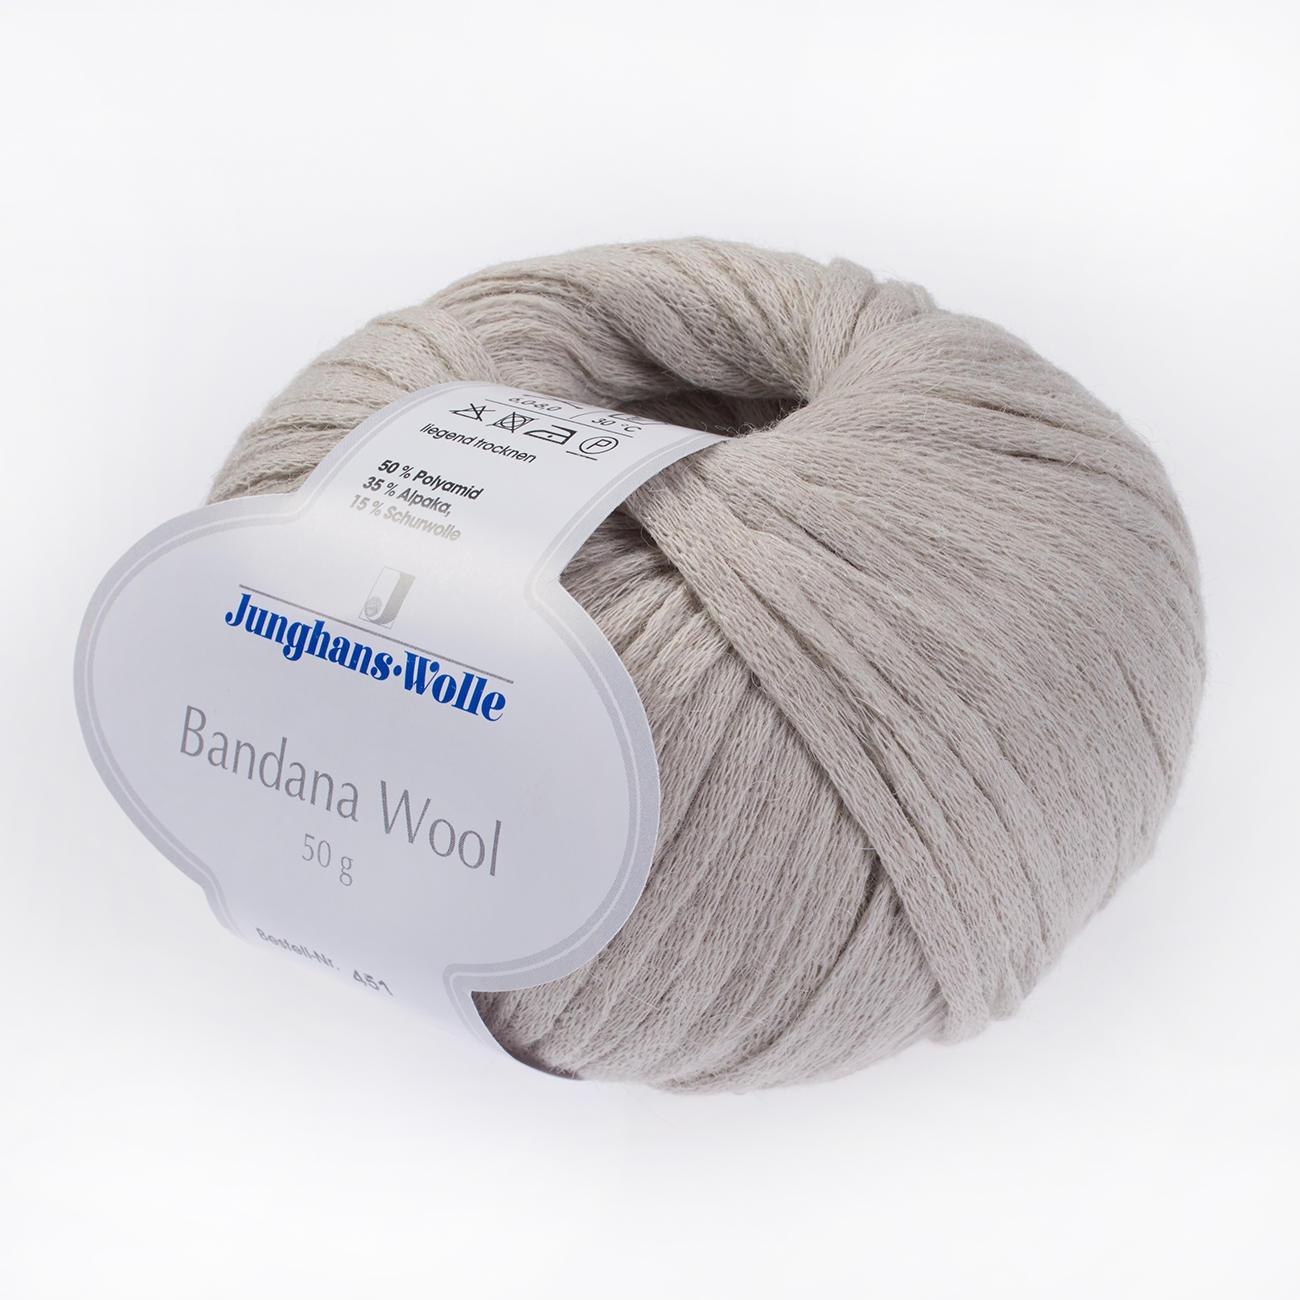 Anleitung 428/7, Damen-Cape aus Bandana Wool von Junghans-Wolle, 1 ...